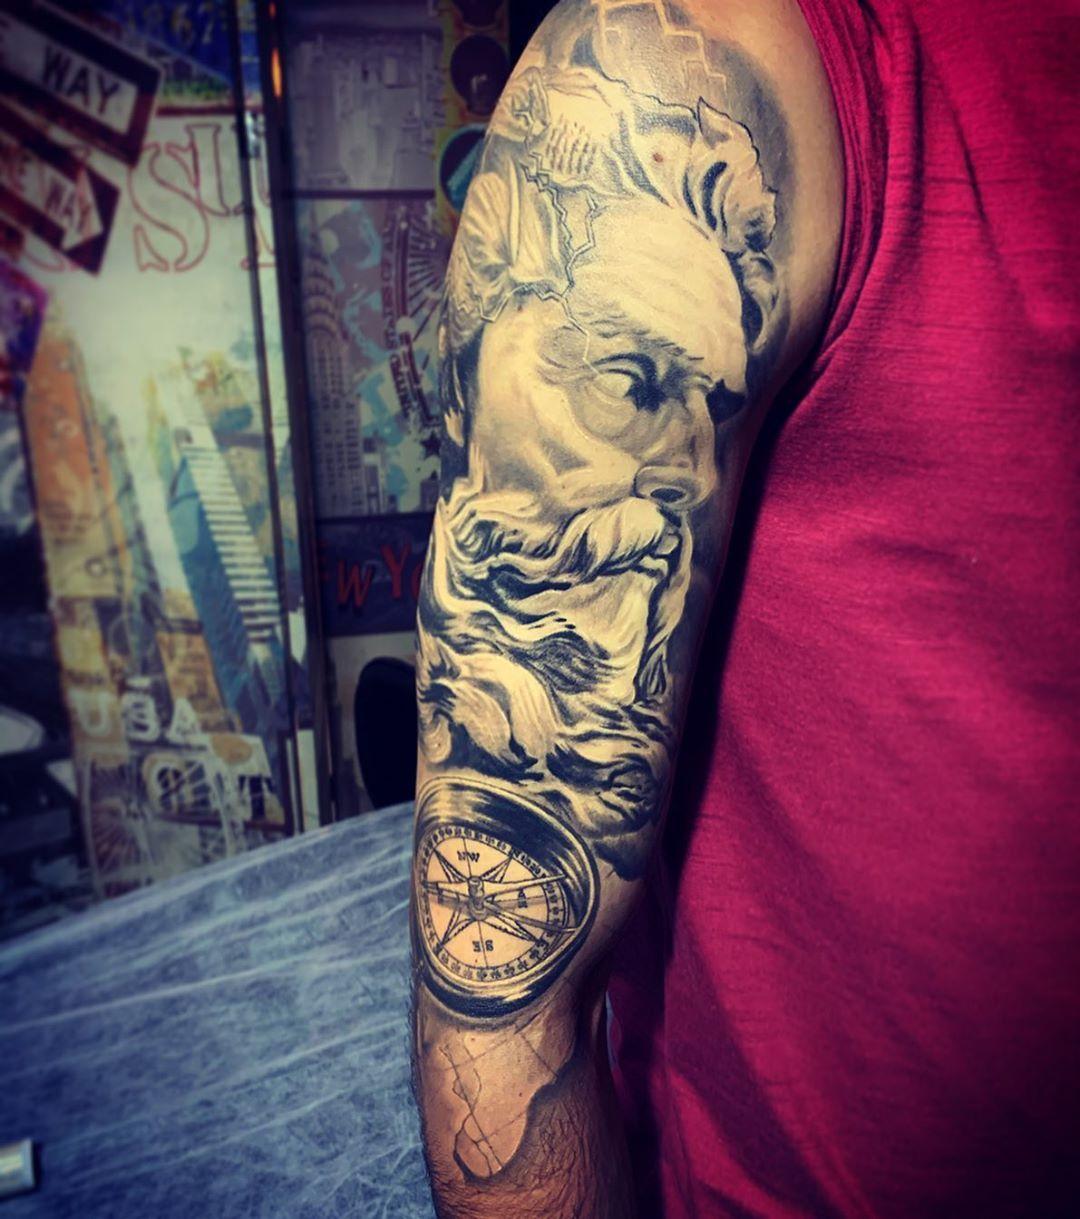 Cicatrizado - healed - curado...há quase 1 ano.. . 💥Orçamentos pelo Direct 📥. #tattoo #inspirationtattoo #tats #tatuagem #tatuagens #tattooartist #tattoodo #realistictattoo #catrina #tatuadoresbrasileiros #tattoo2me #tattoois #realistictattoo #realistic #realisticink #blackngrey #blackngreytattoo #dynamicink #victorralphtattooartist  @sullenclothing @skinart_mag @inspirationtattoo @inspiredtattoos @equilatterart @tattoodo @hornettattoo_oficial